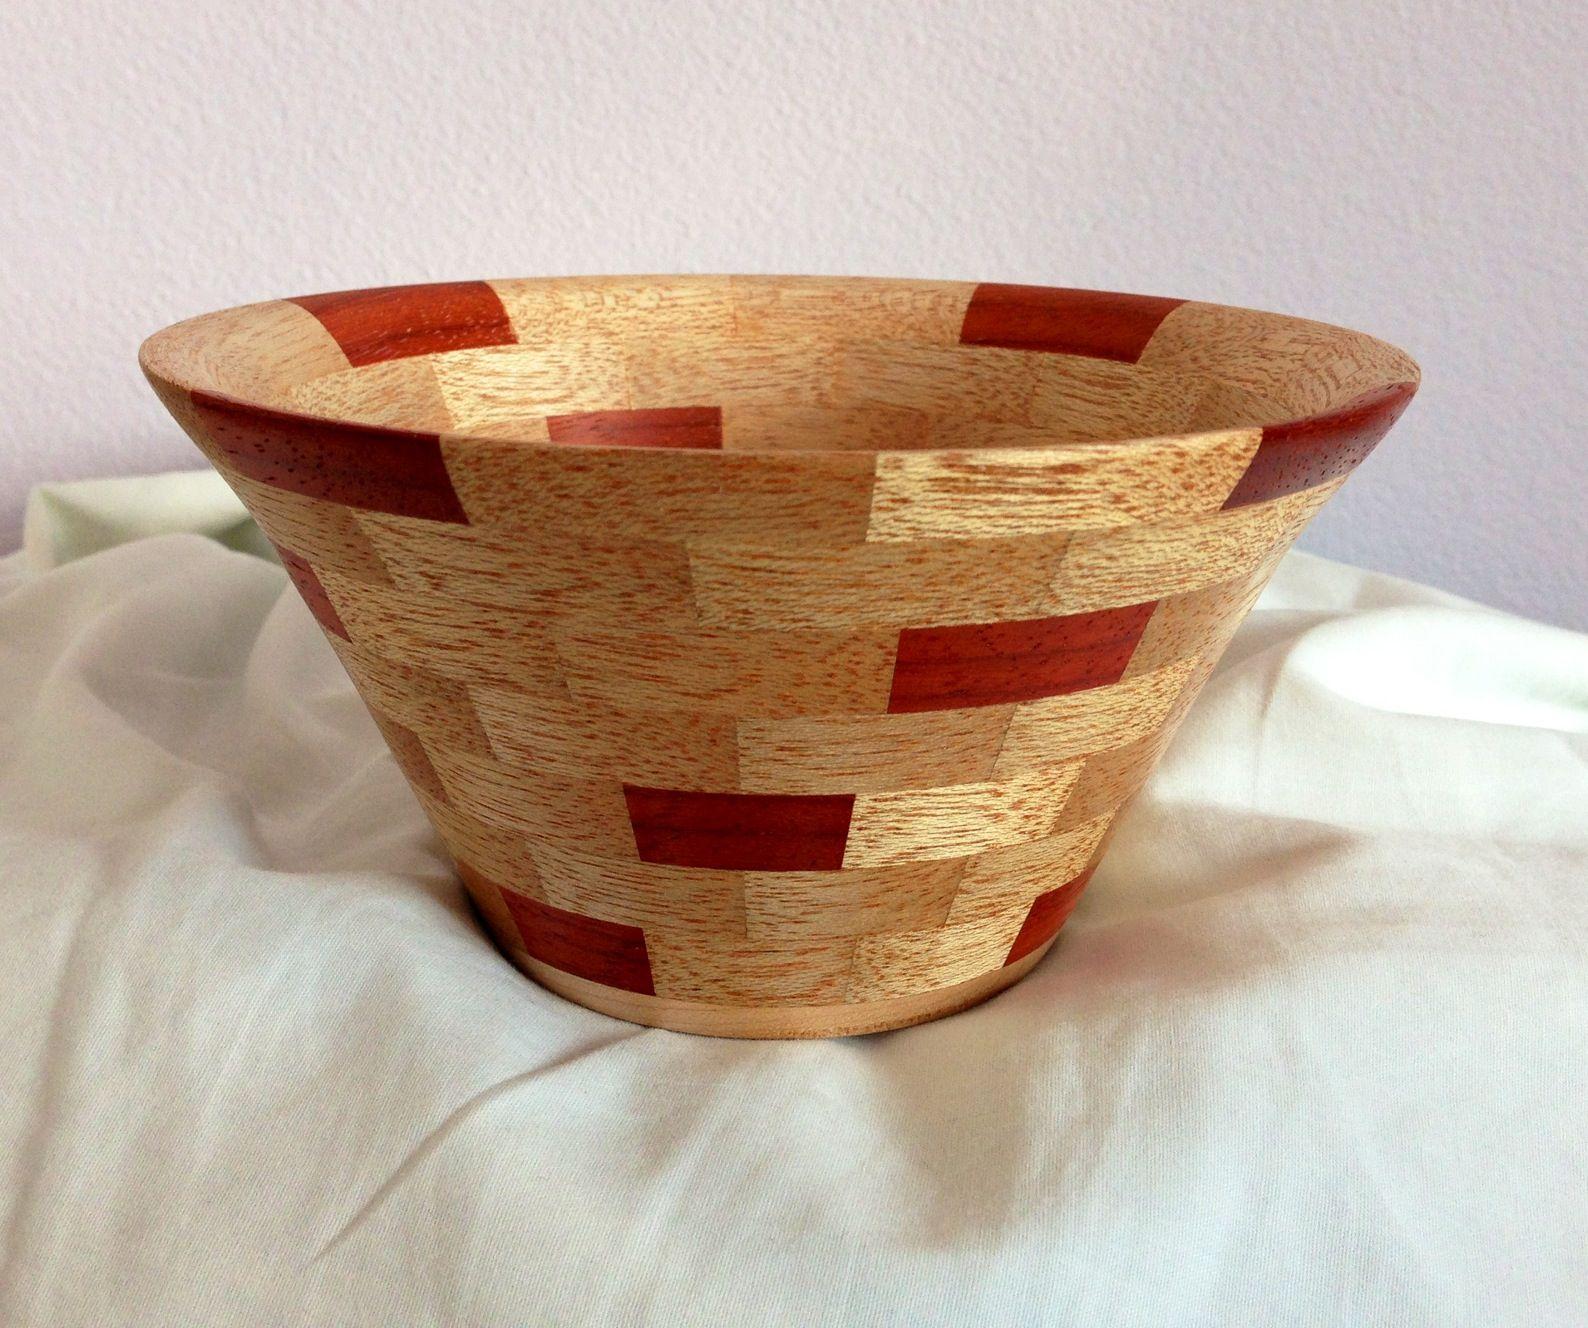 Mahogany And Padauk Segmented Bowl My Projects Wood